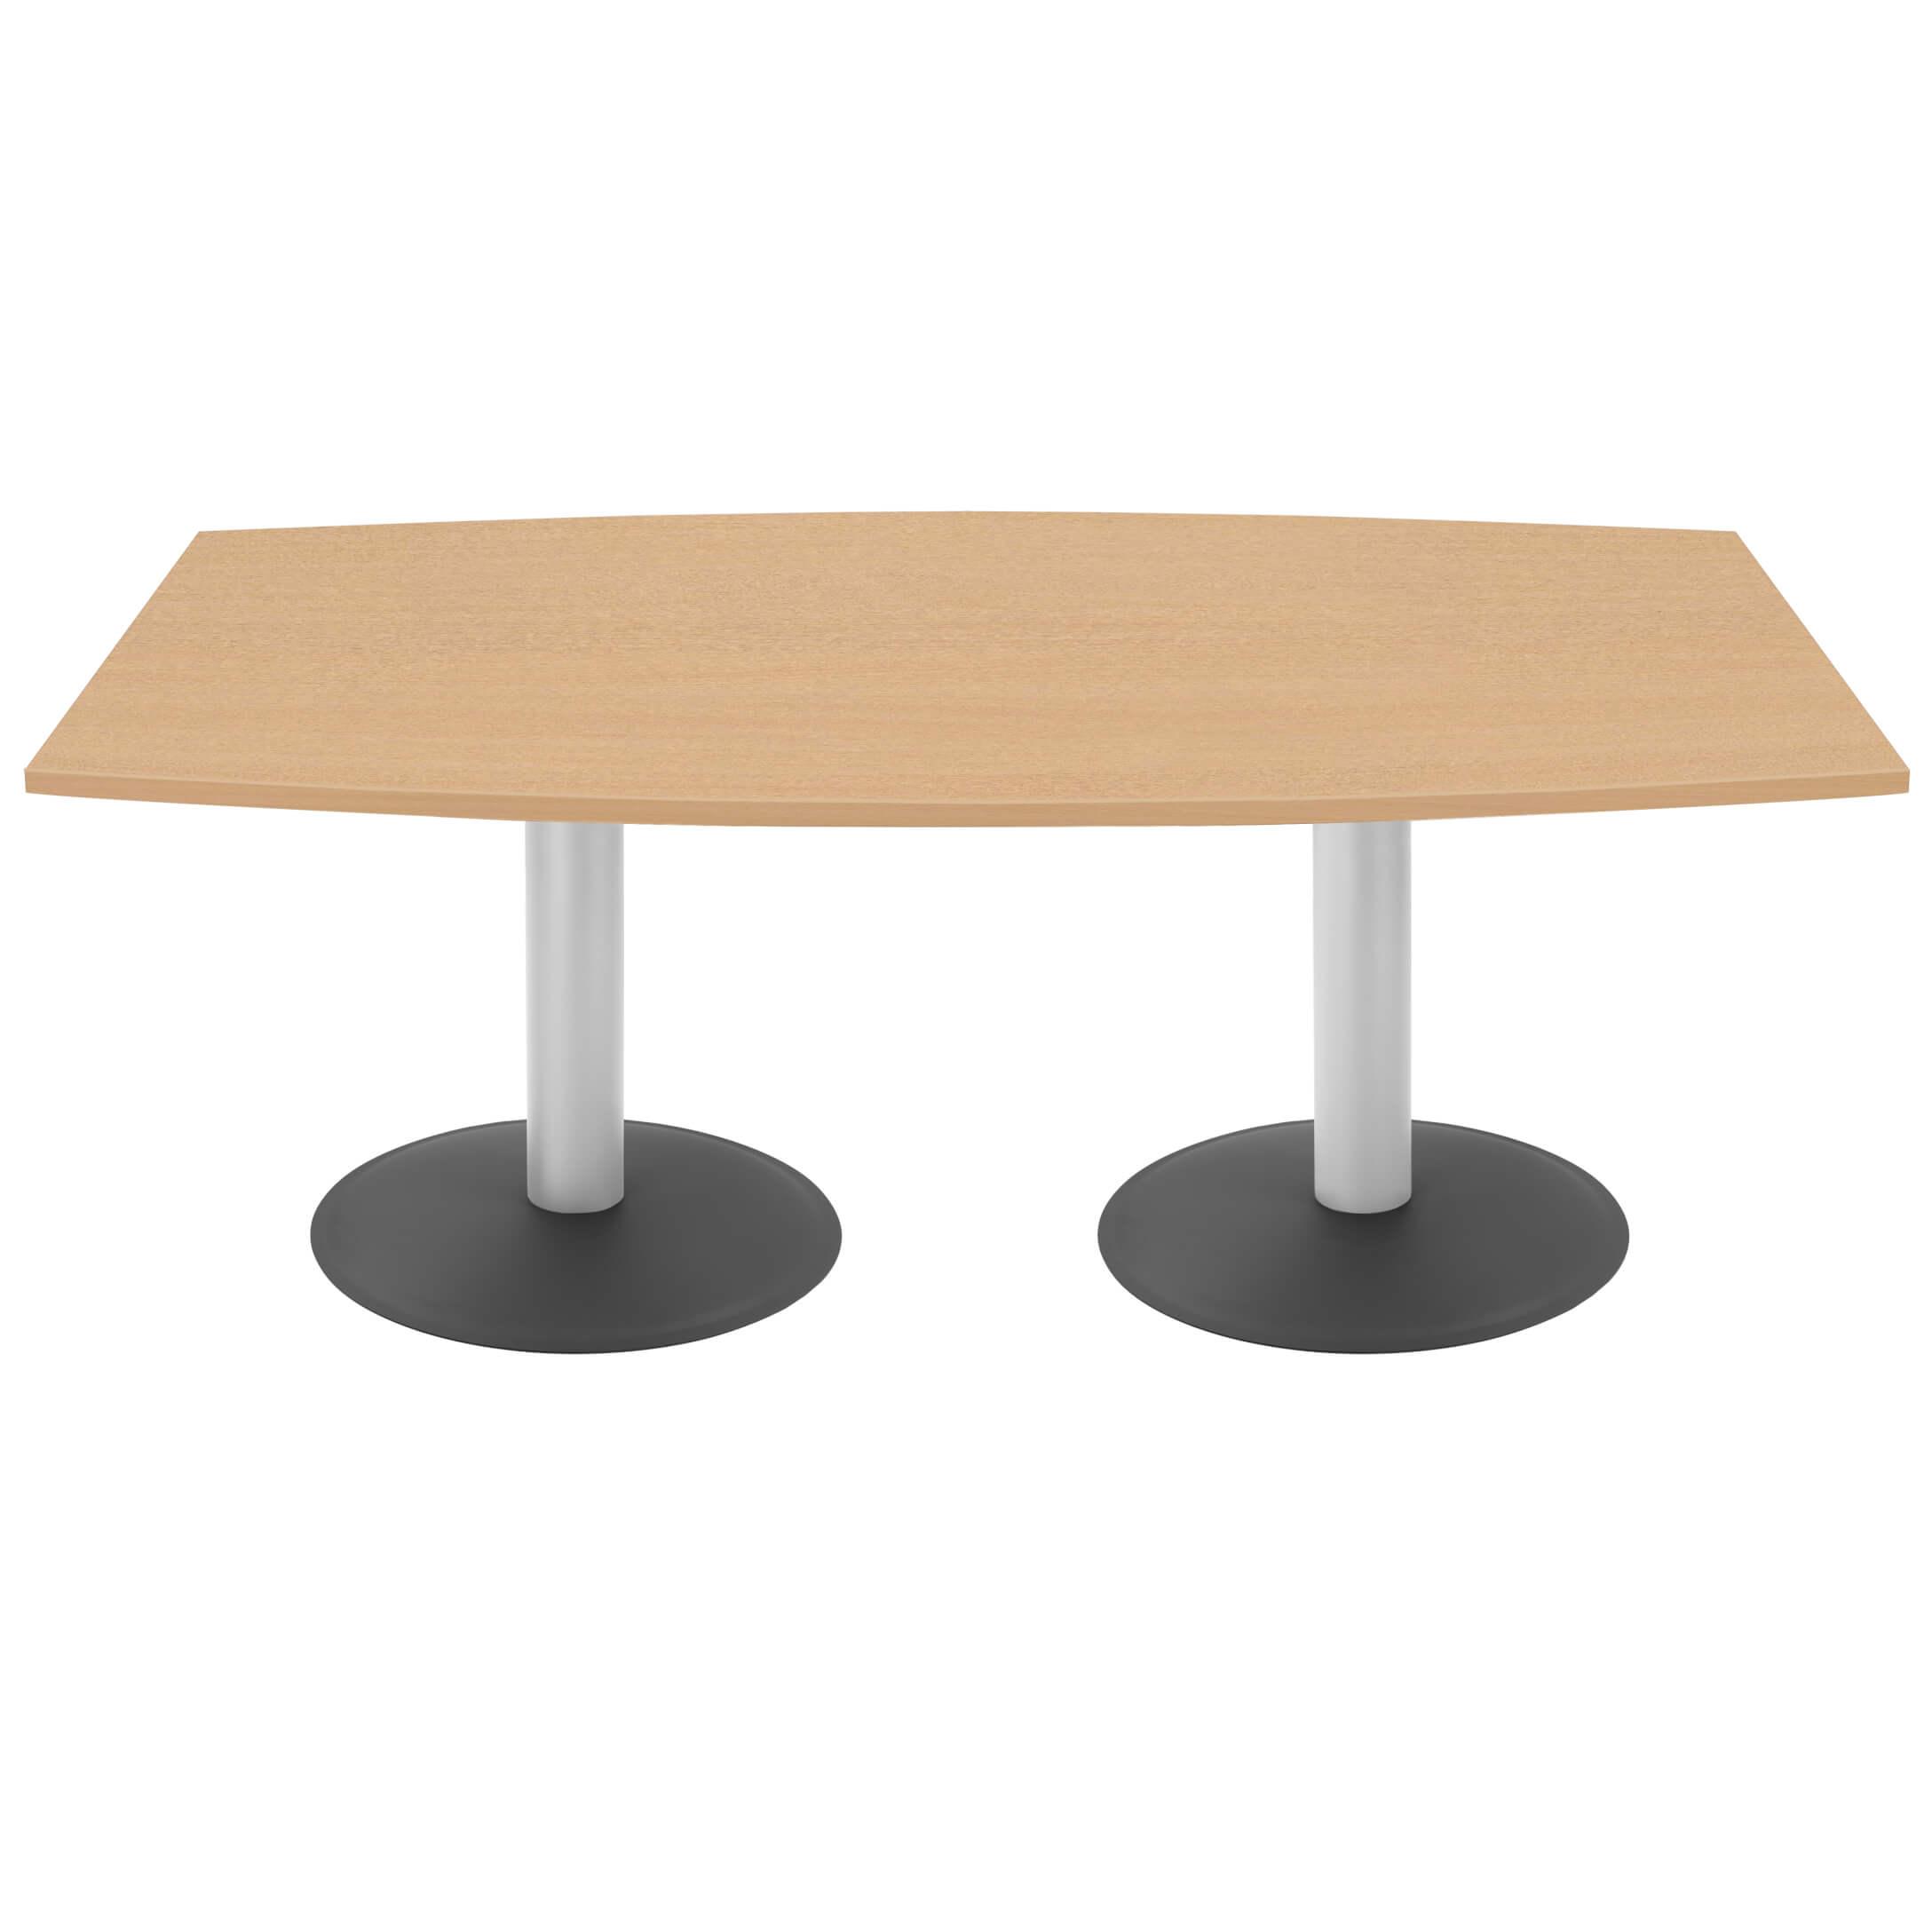 OPTIMA Konferenztisch Bootsform 180x100 cm Besprechungstisch Buche Tisch Esstisch Küchentisch